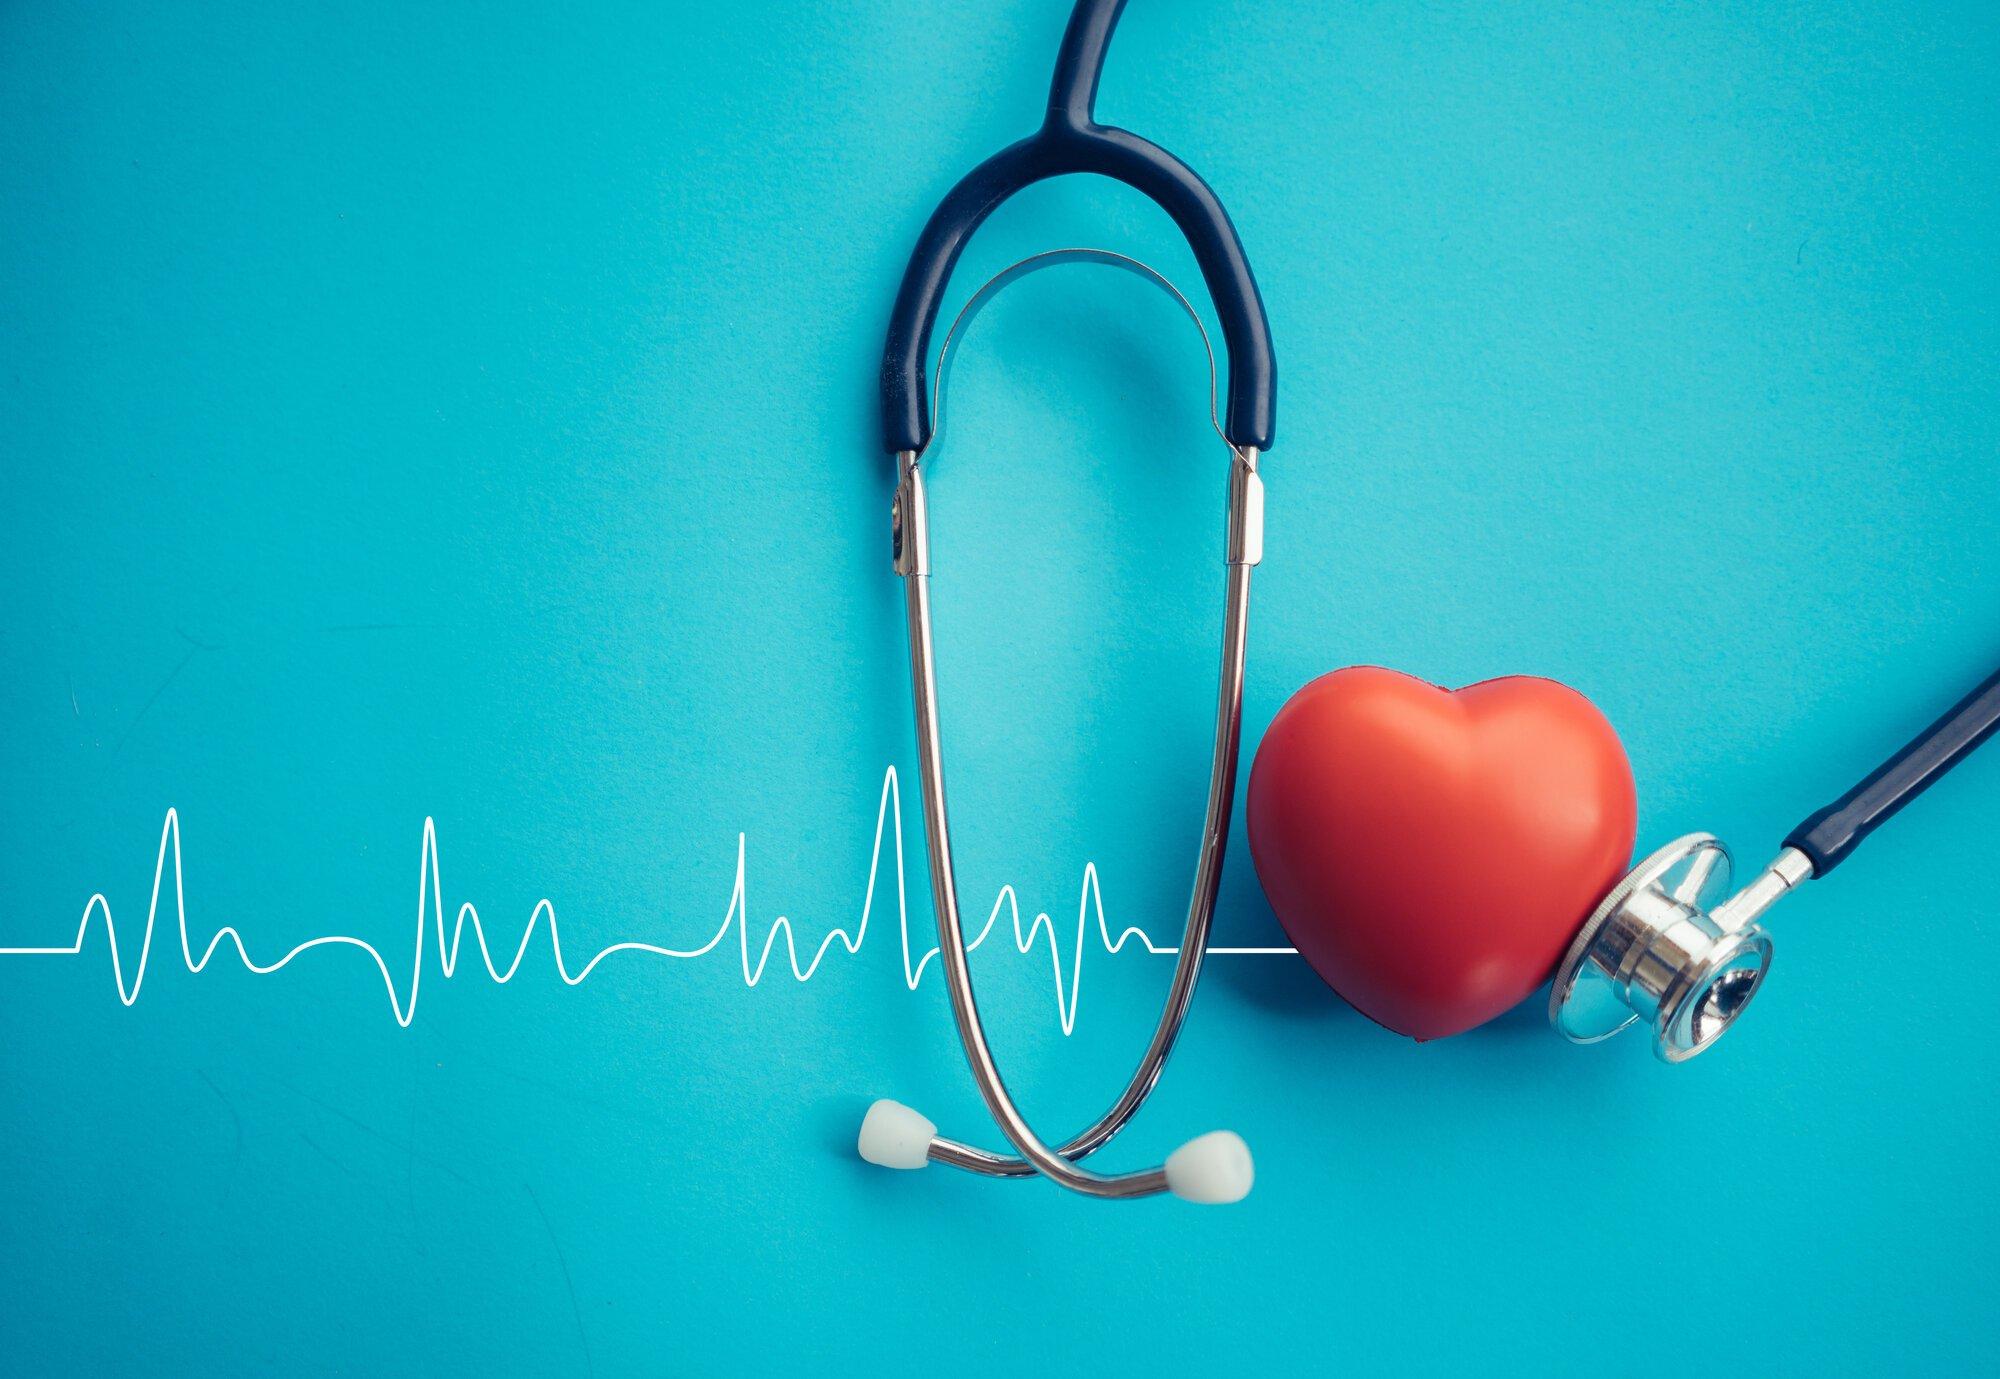 heart-stethoscope-heartbeat_1_2000x1379